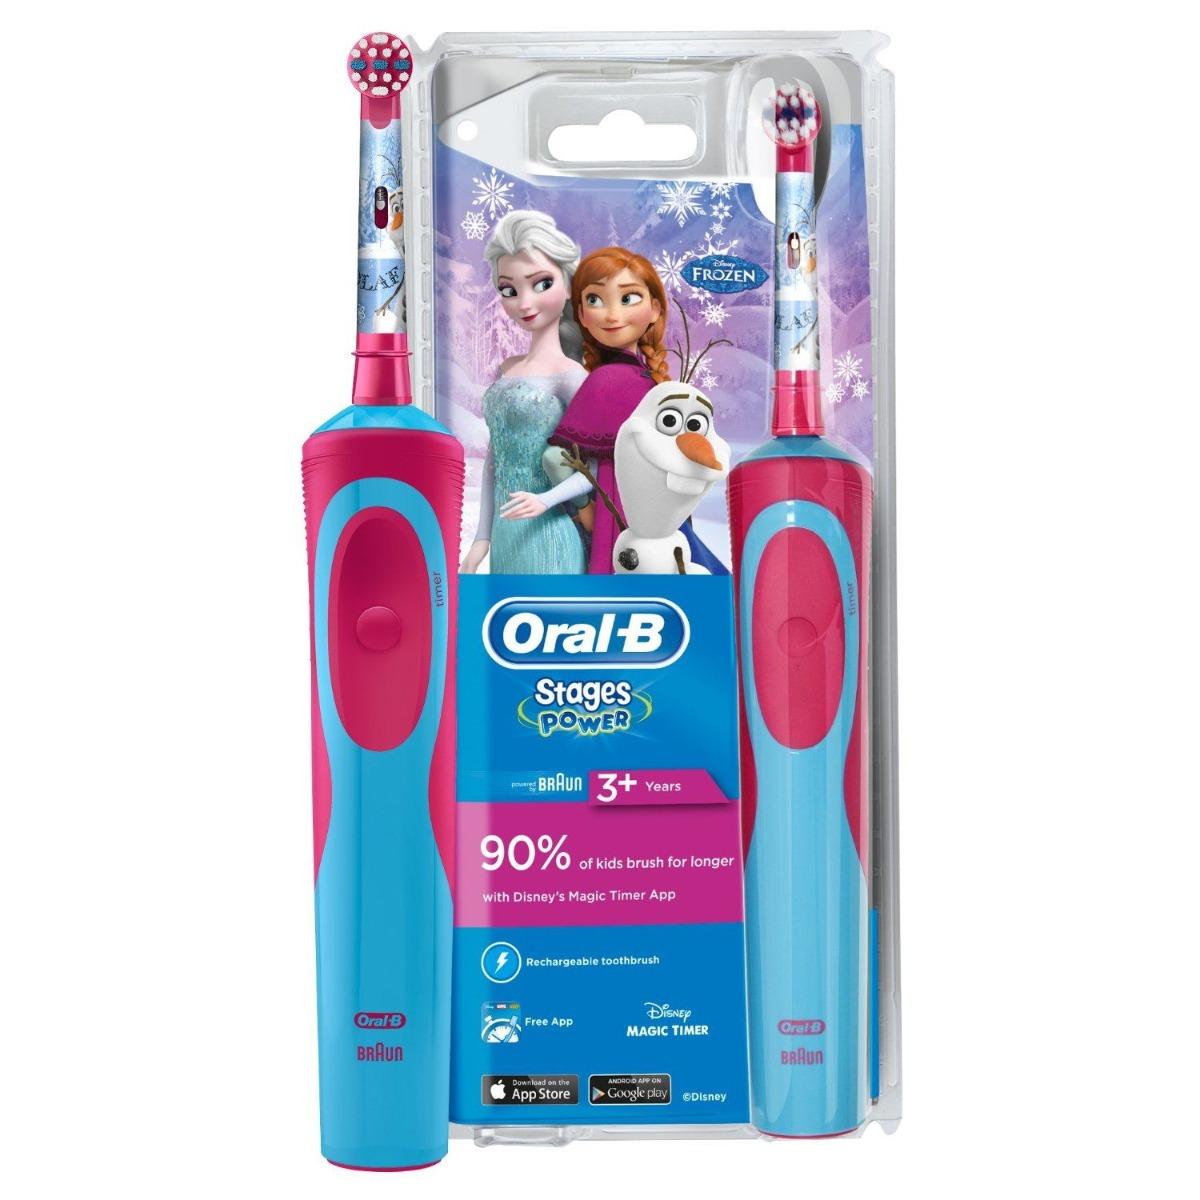 Periuta de dinti electrica pentru copii Braun Stages Power Frozen, +3 ani, D12.513K, Oral B imagine produs 2021